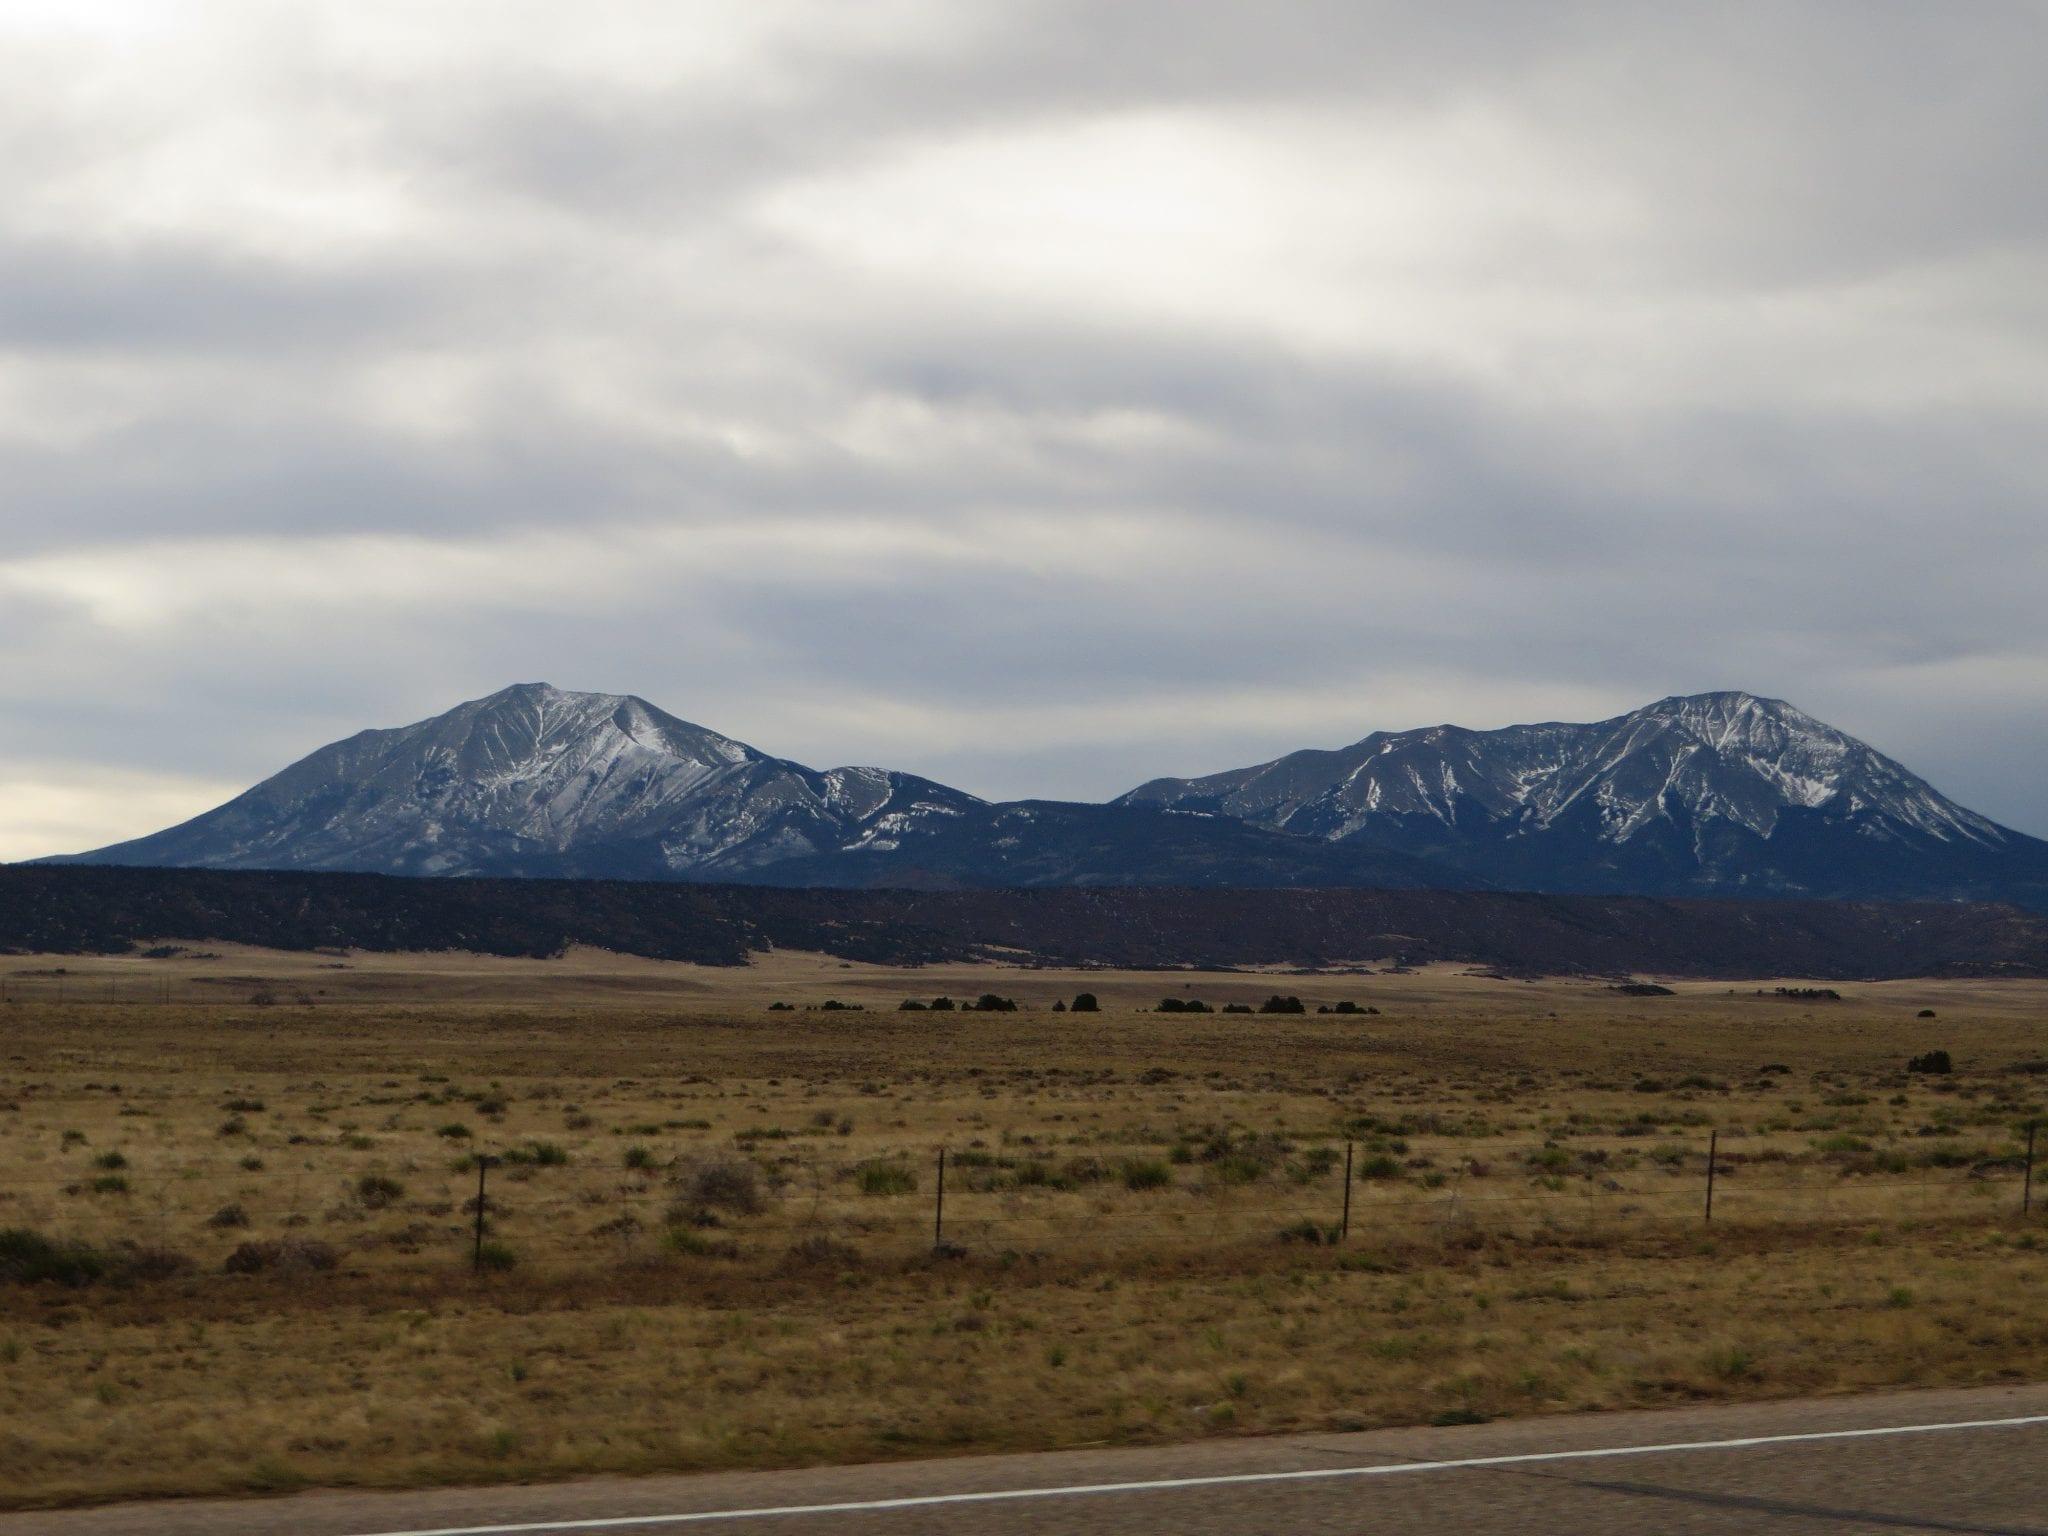 Spanish Peaks, U.S. Route 160 West of Walsenburg, Colorado